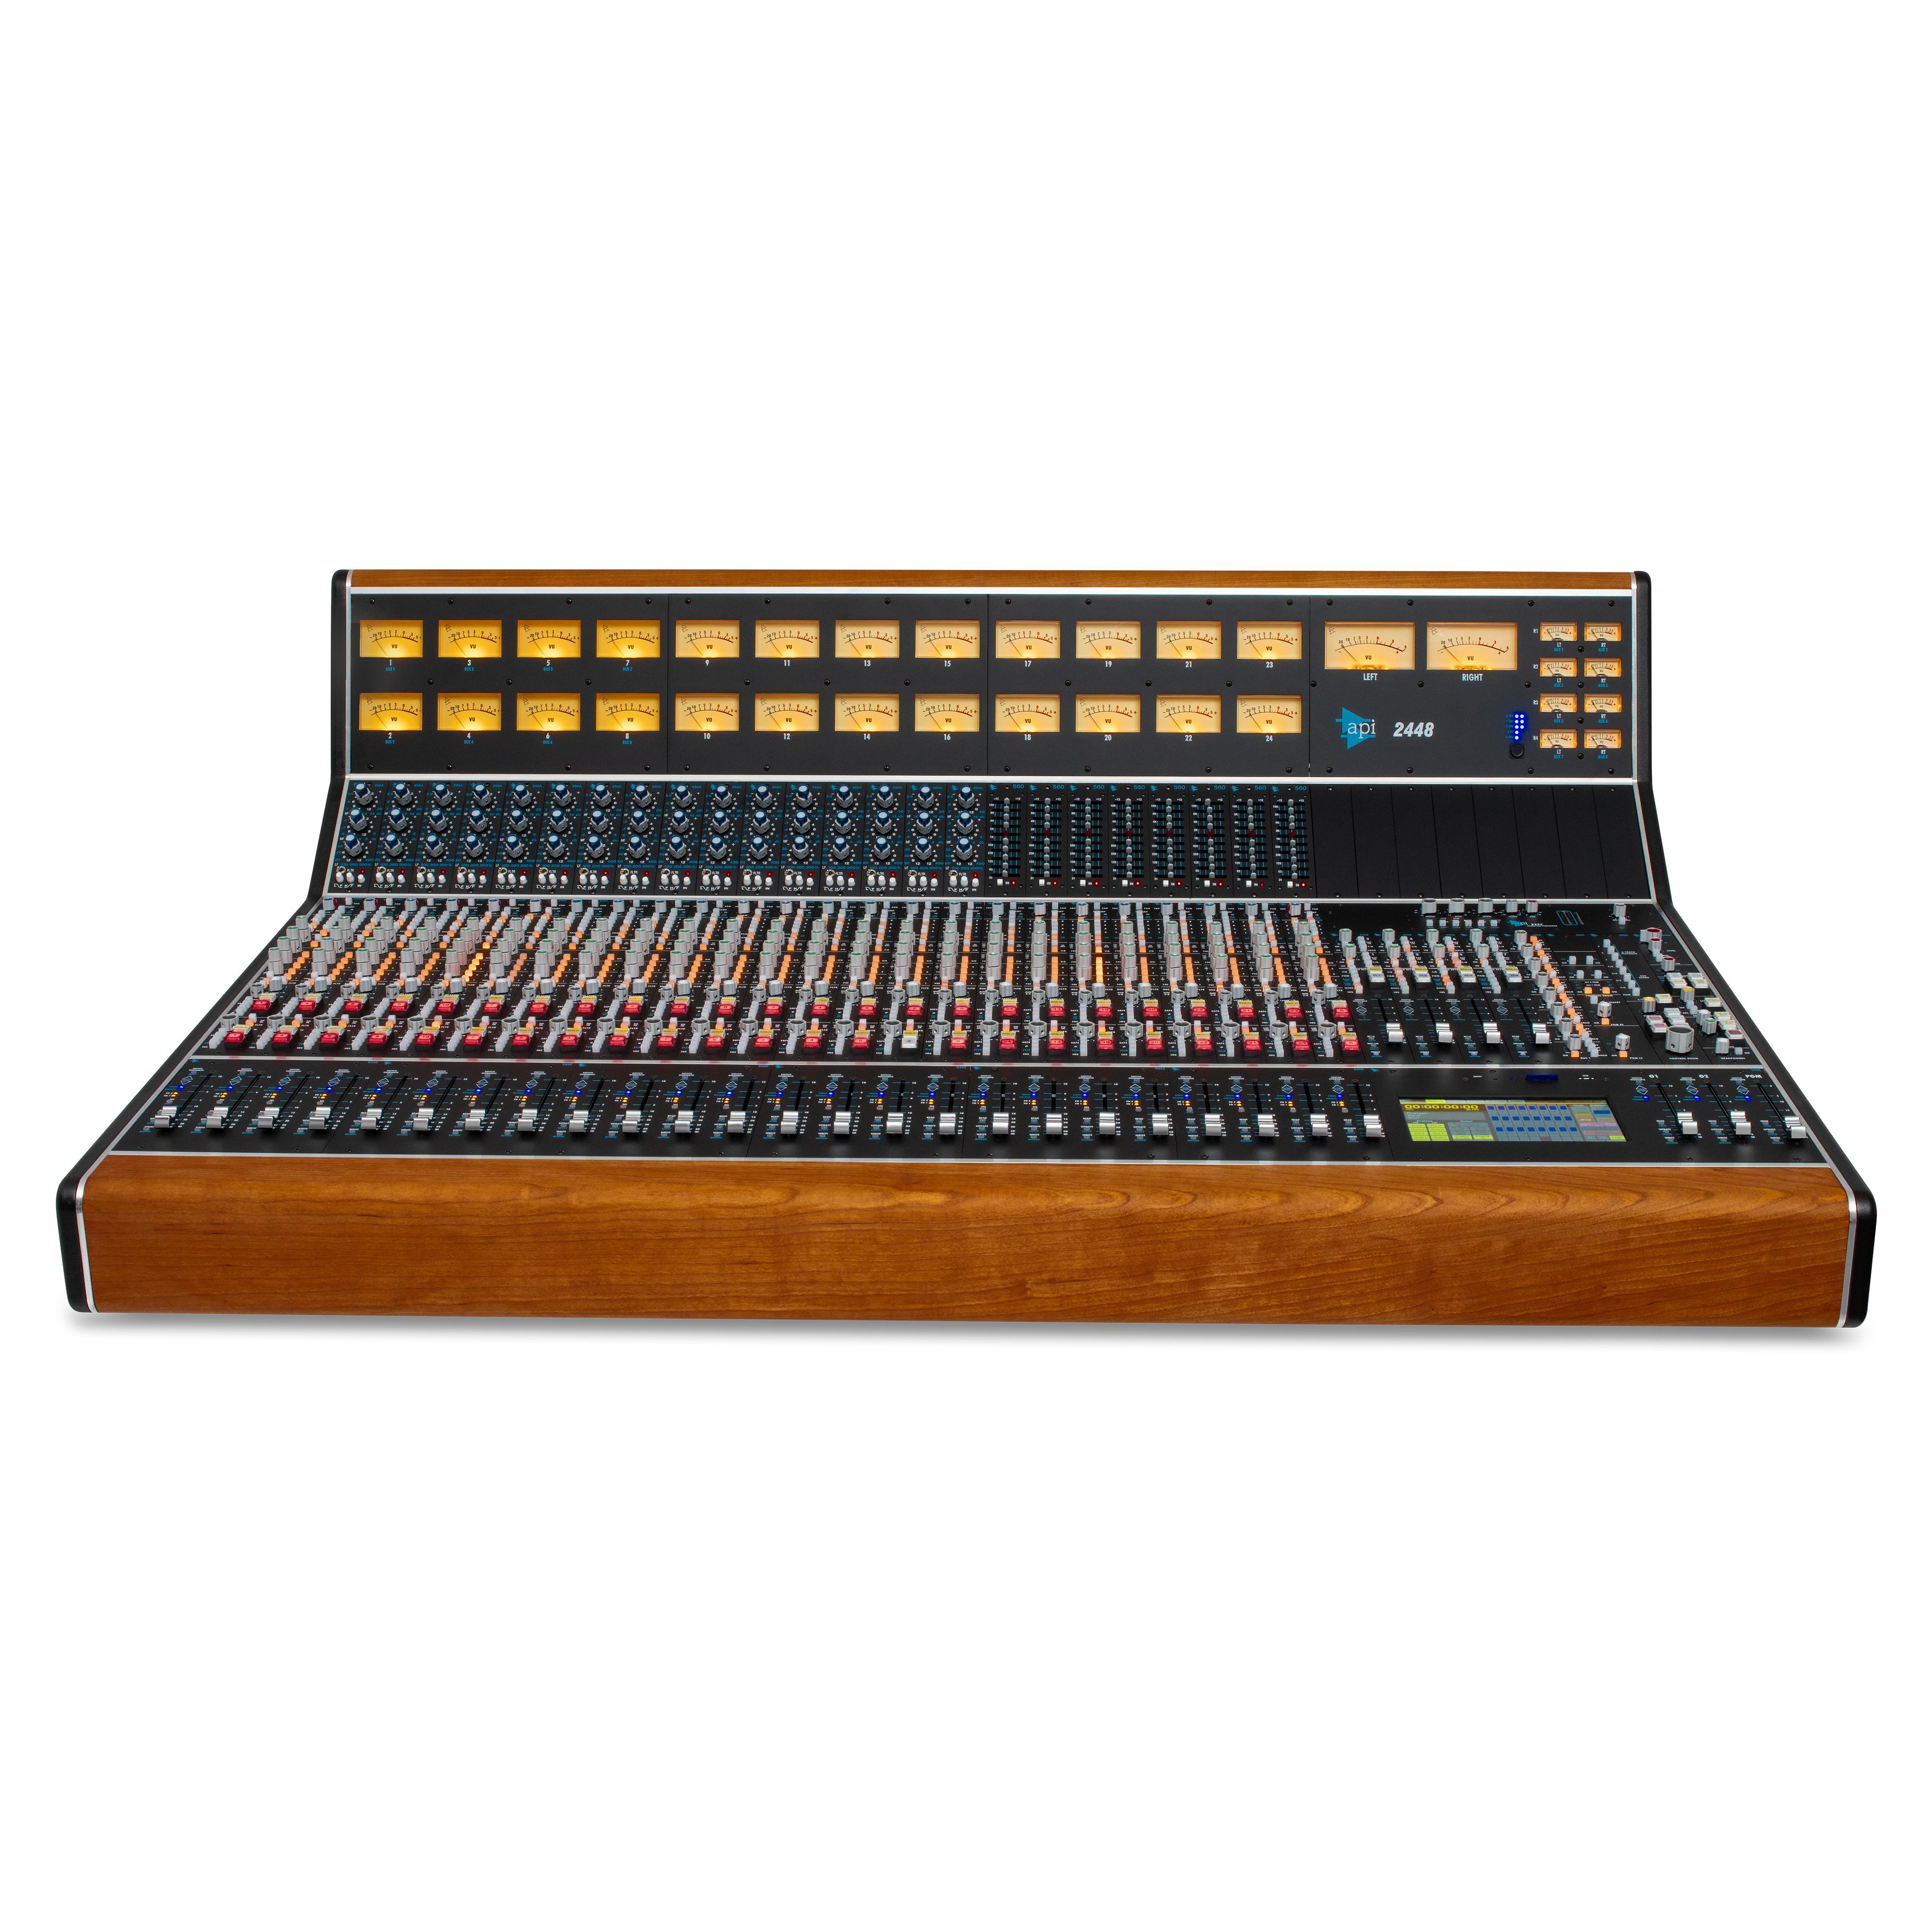 API 2448 Recording & Mixing Console